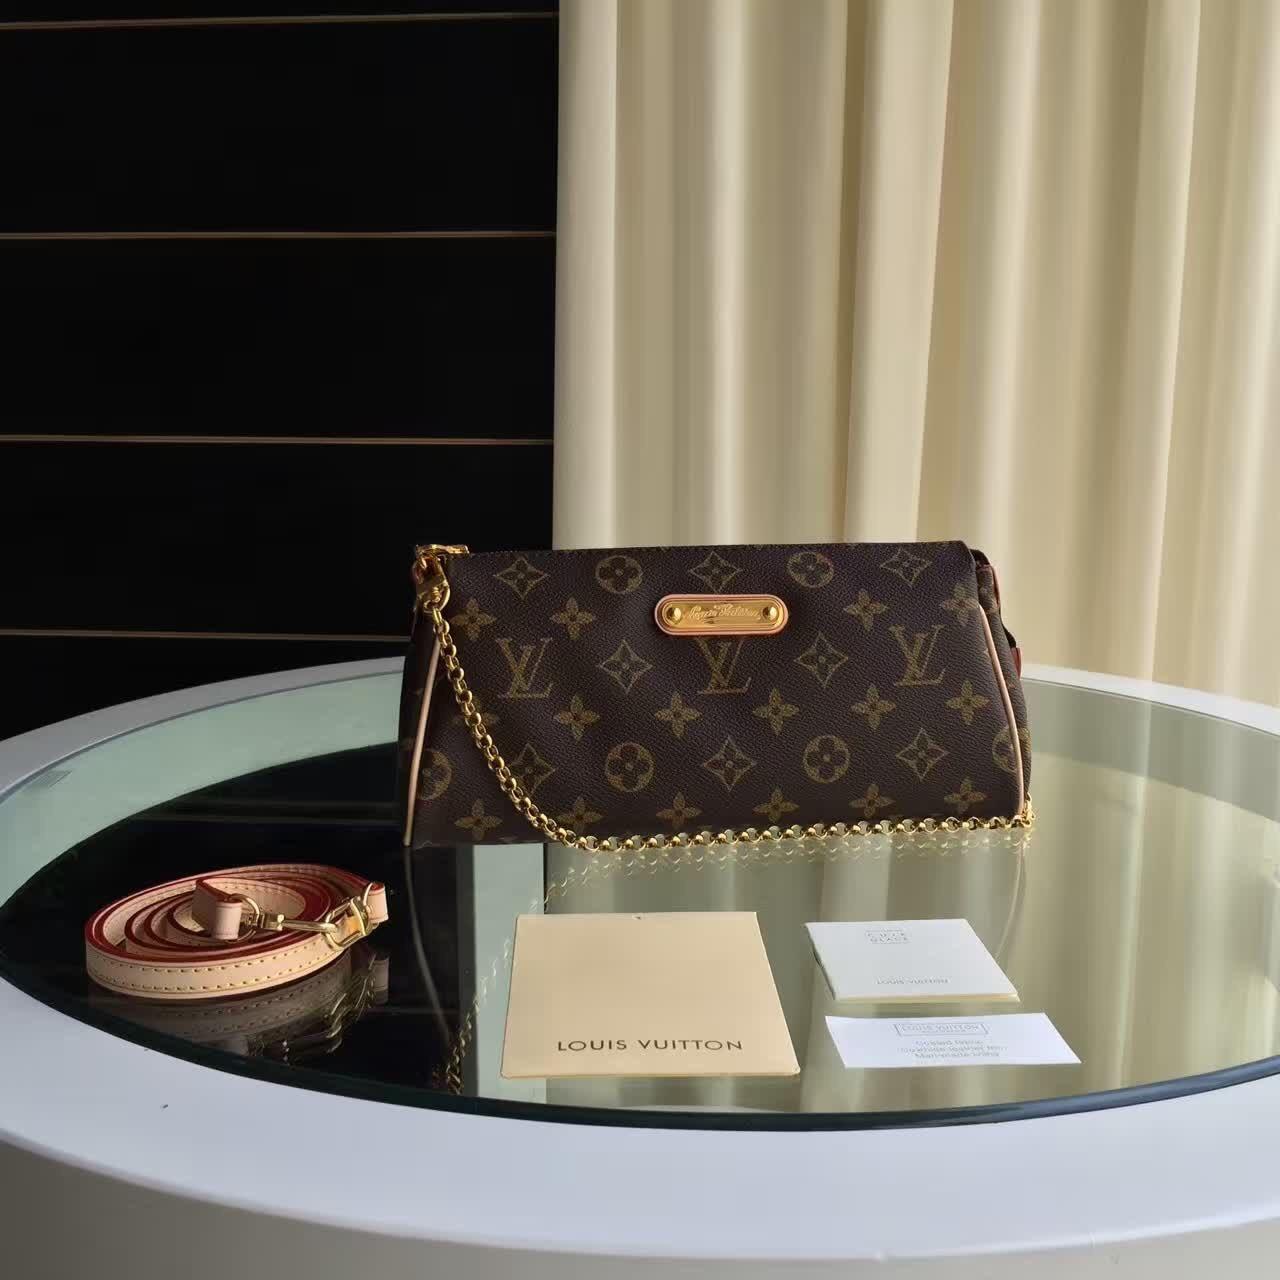 Клатч Ева - сумка Louis Vuitton Eva   vkstore.com.ua 2d07e557768